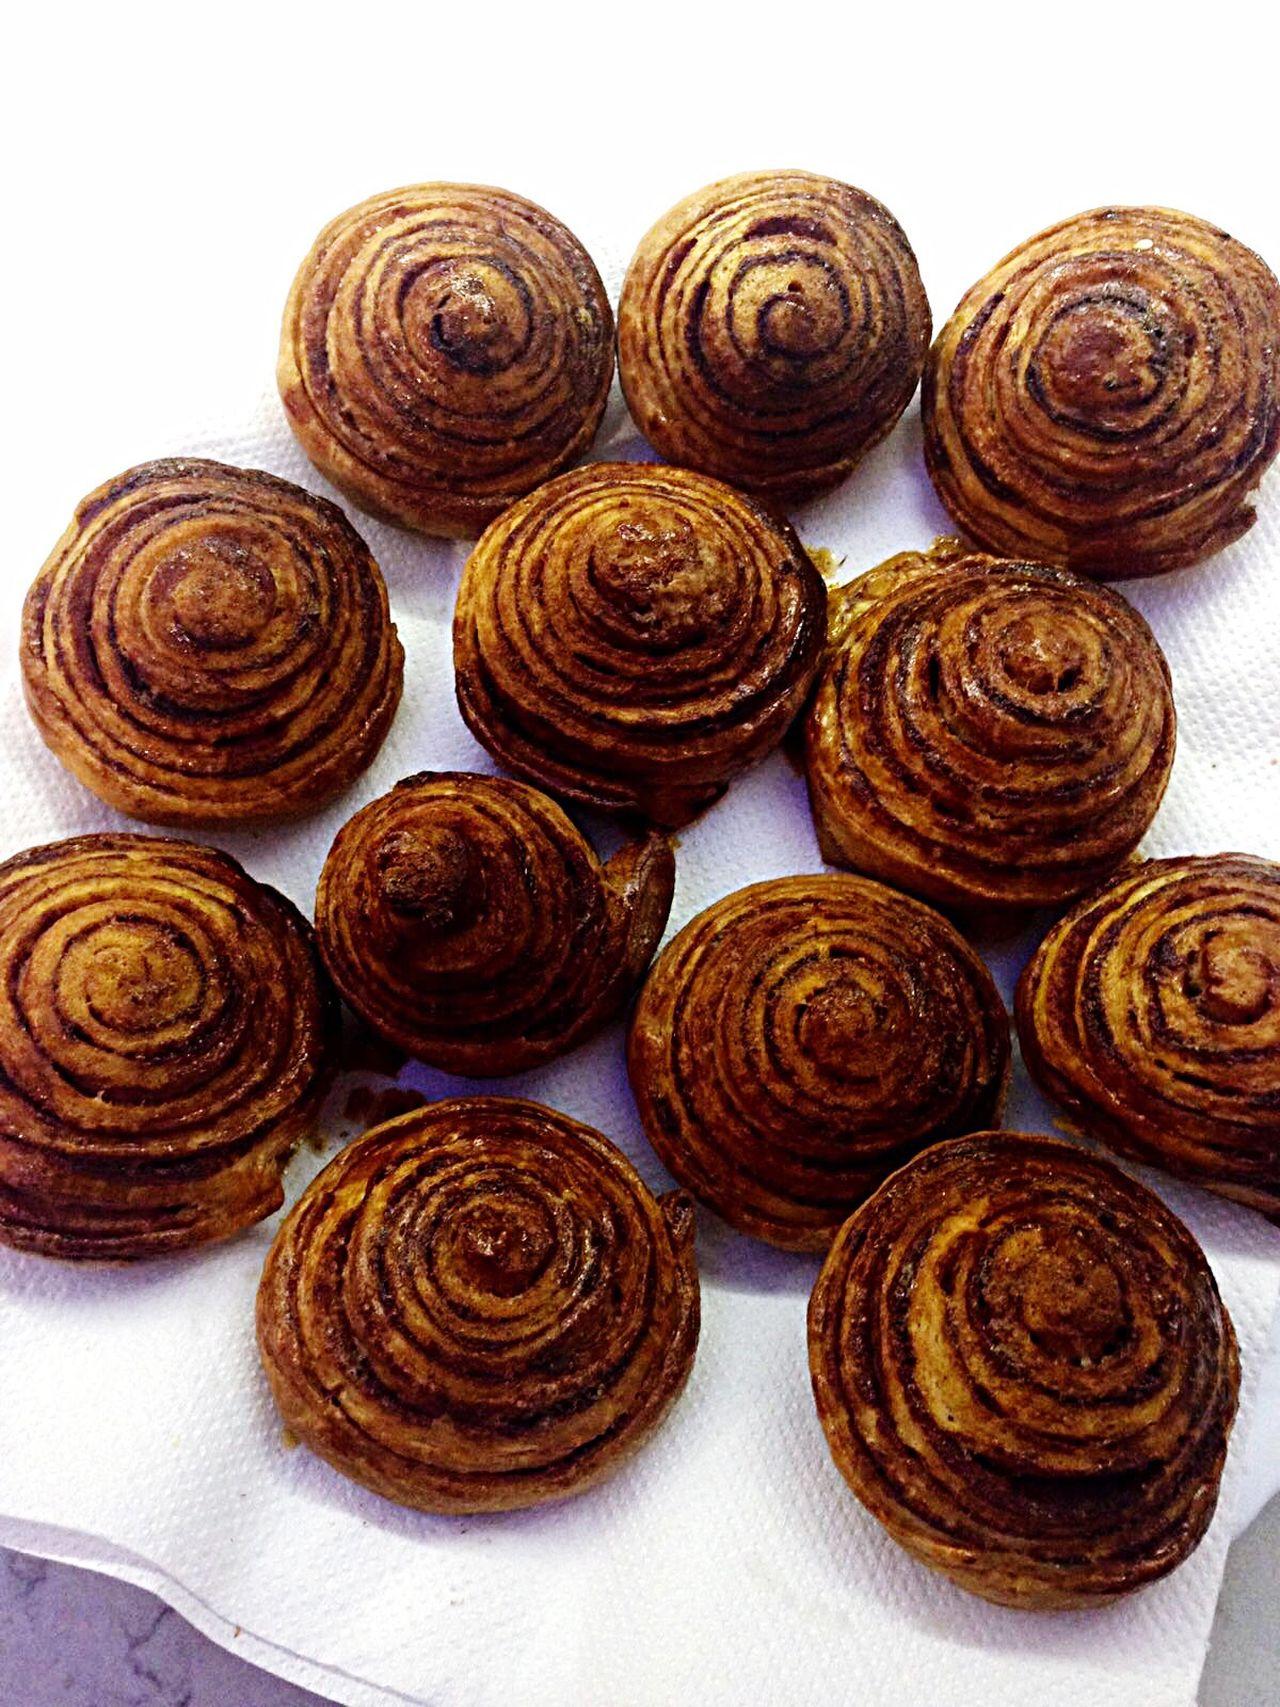 Cinamonroll Cinamon Sweet Food Food Food And Drink Cake Cake♥ Cake Cake Cake Cake  Flower Cake Ready-to-eat Homemade Home Made Food Home Made Cake